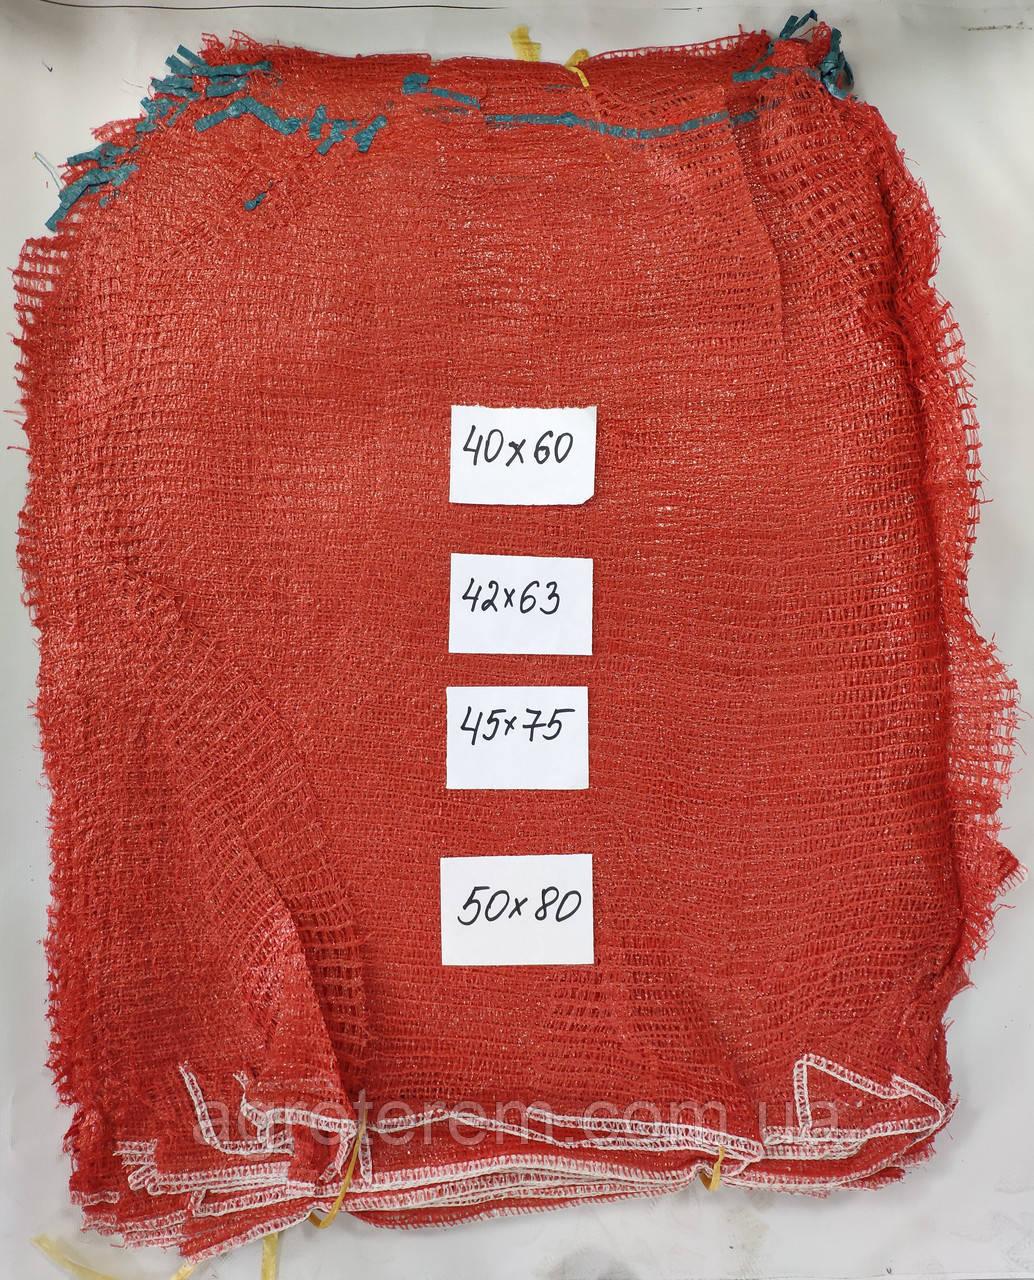 Сетка овощная 40 х 60 до 20кг (100 шт) красная